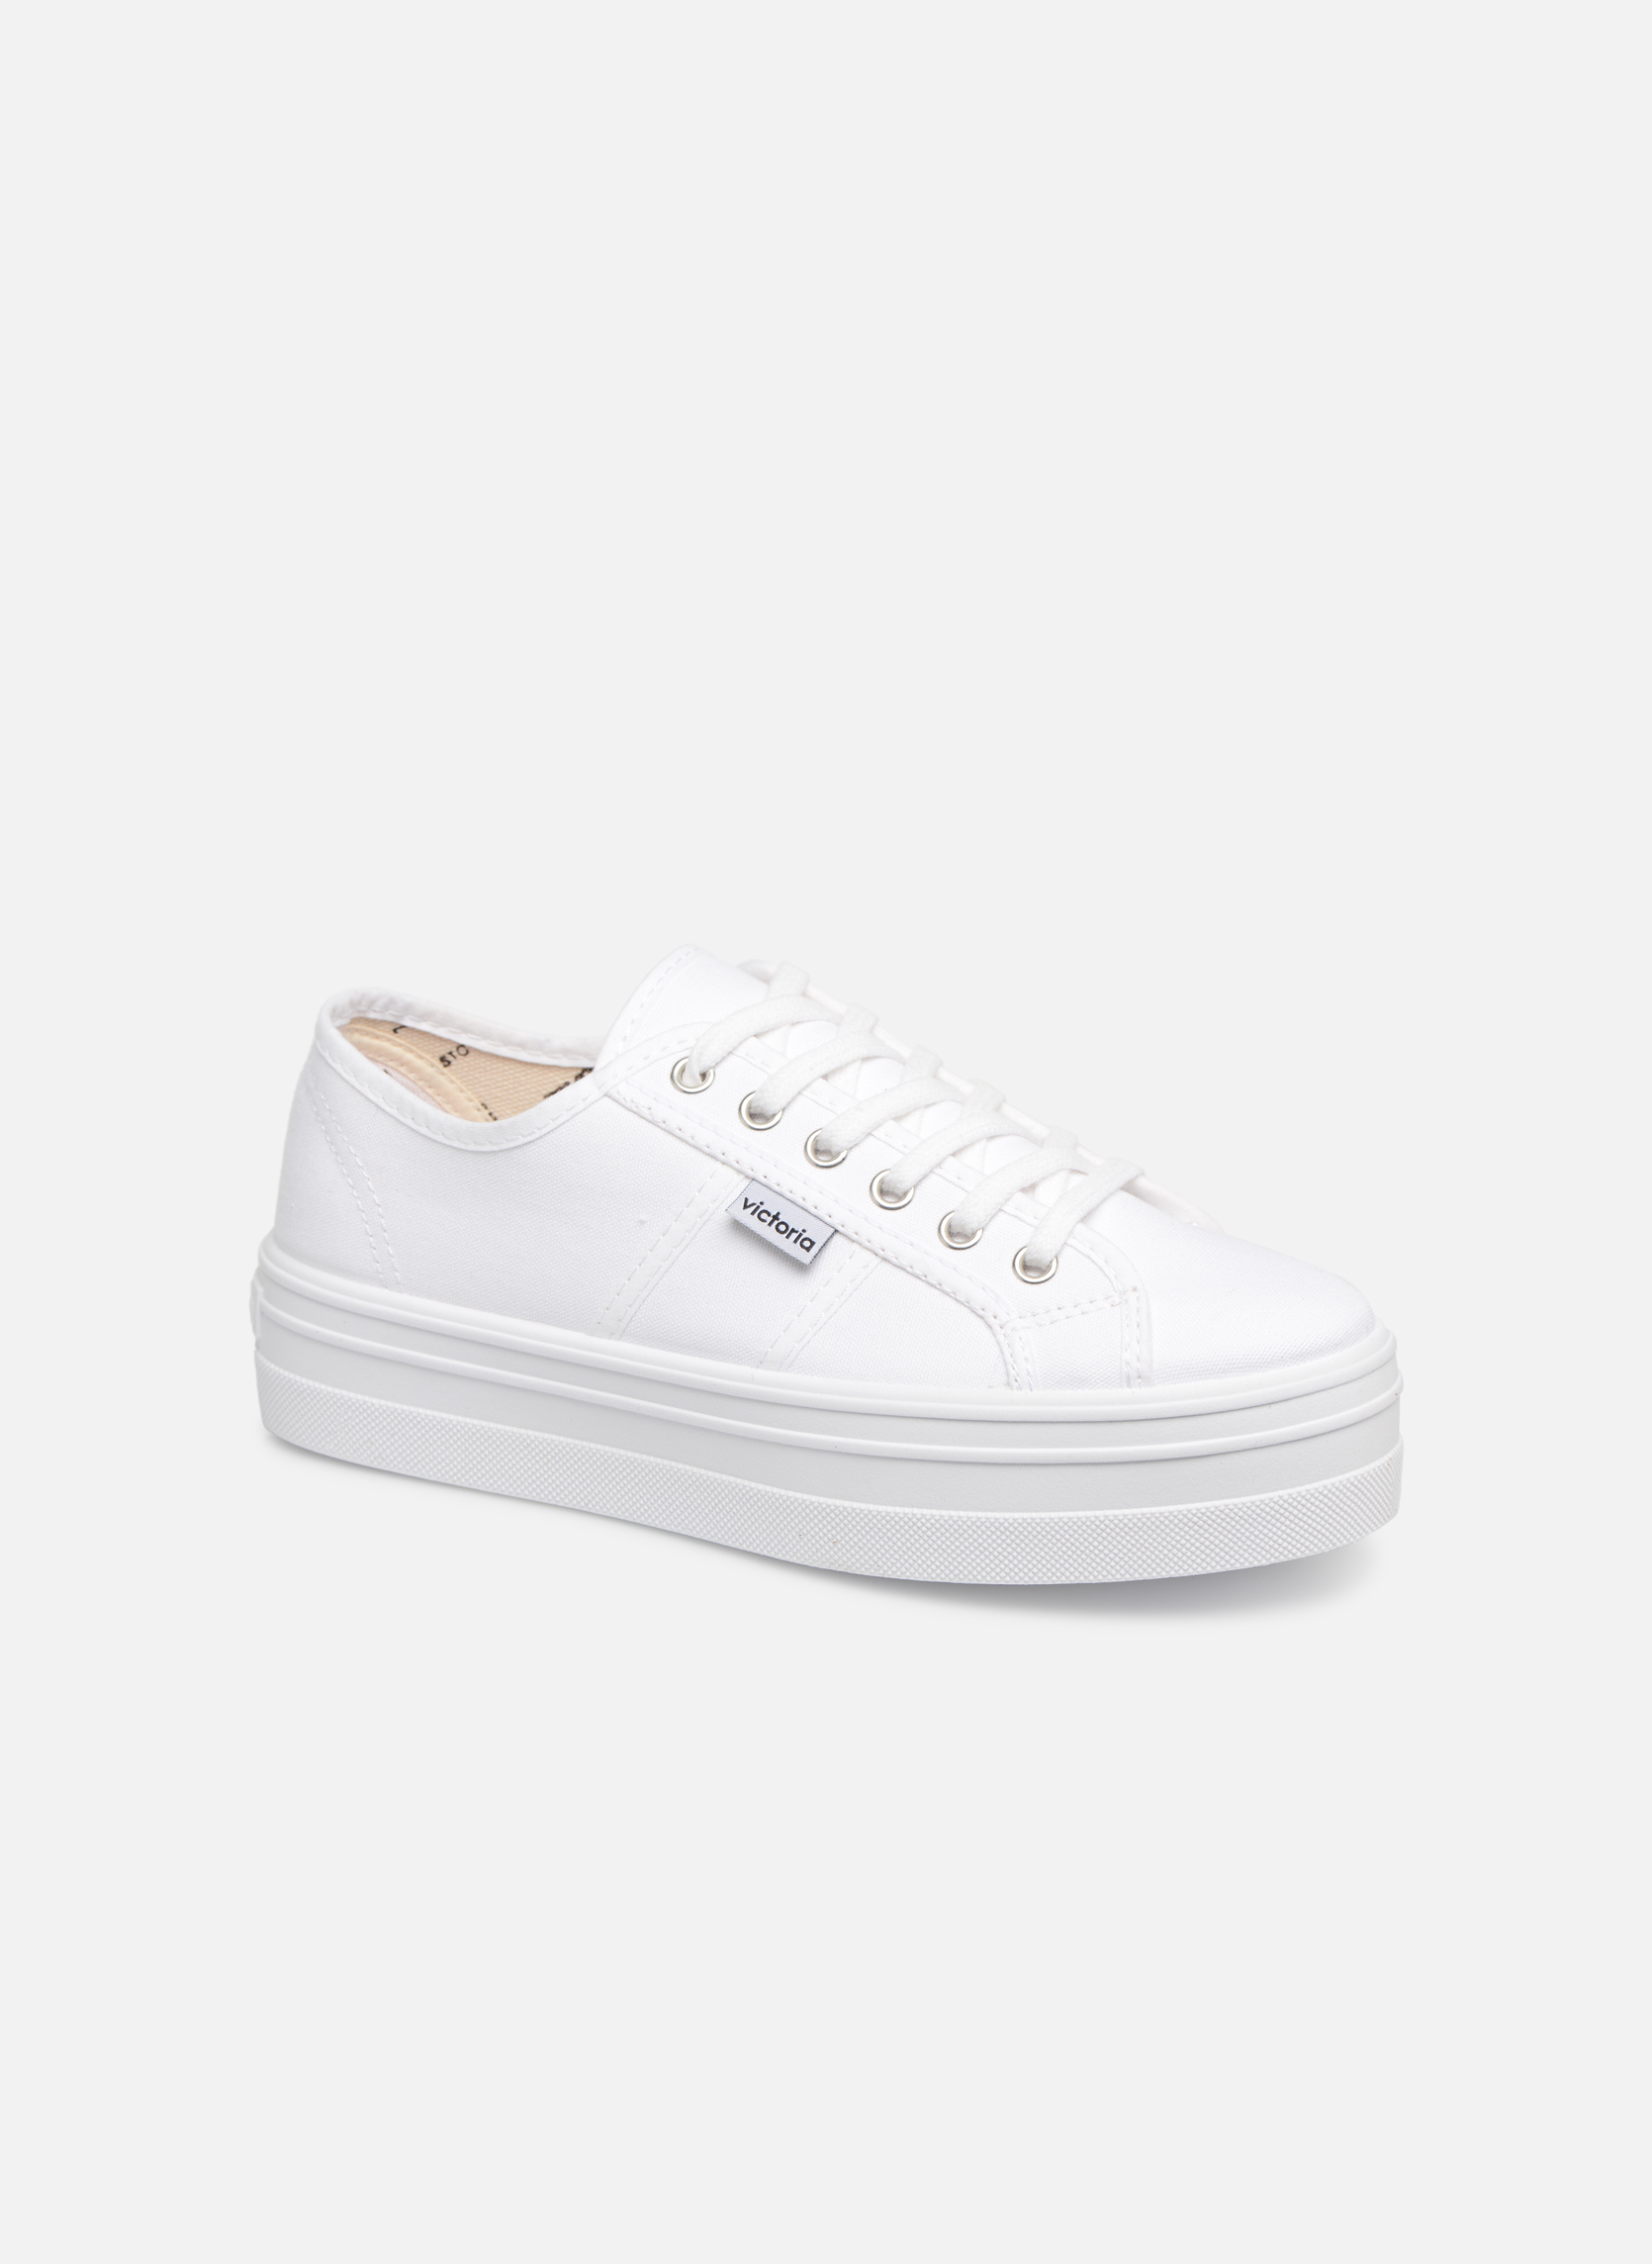 Sneakers Estate casual bianche per donna Victoria Footlocker Imágenes En Línea 2018 Más Reciente A La Venta Compra Coste Barato fxWYMmG